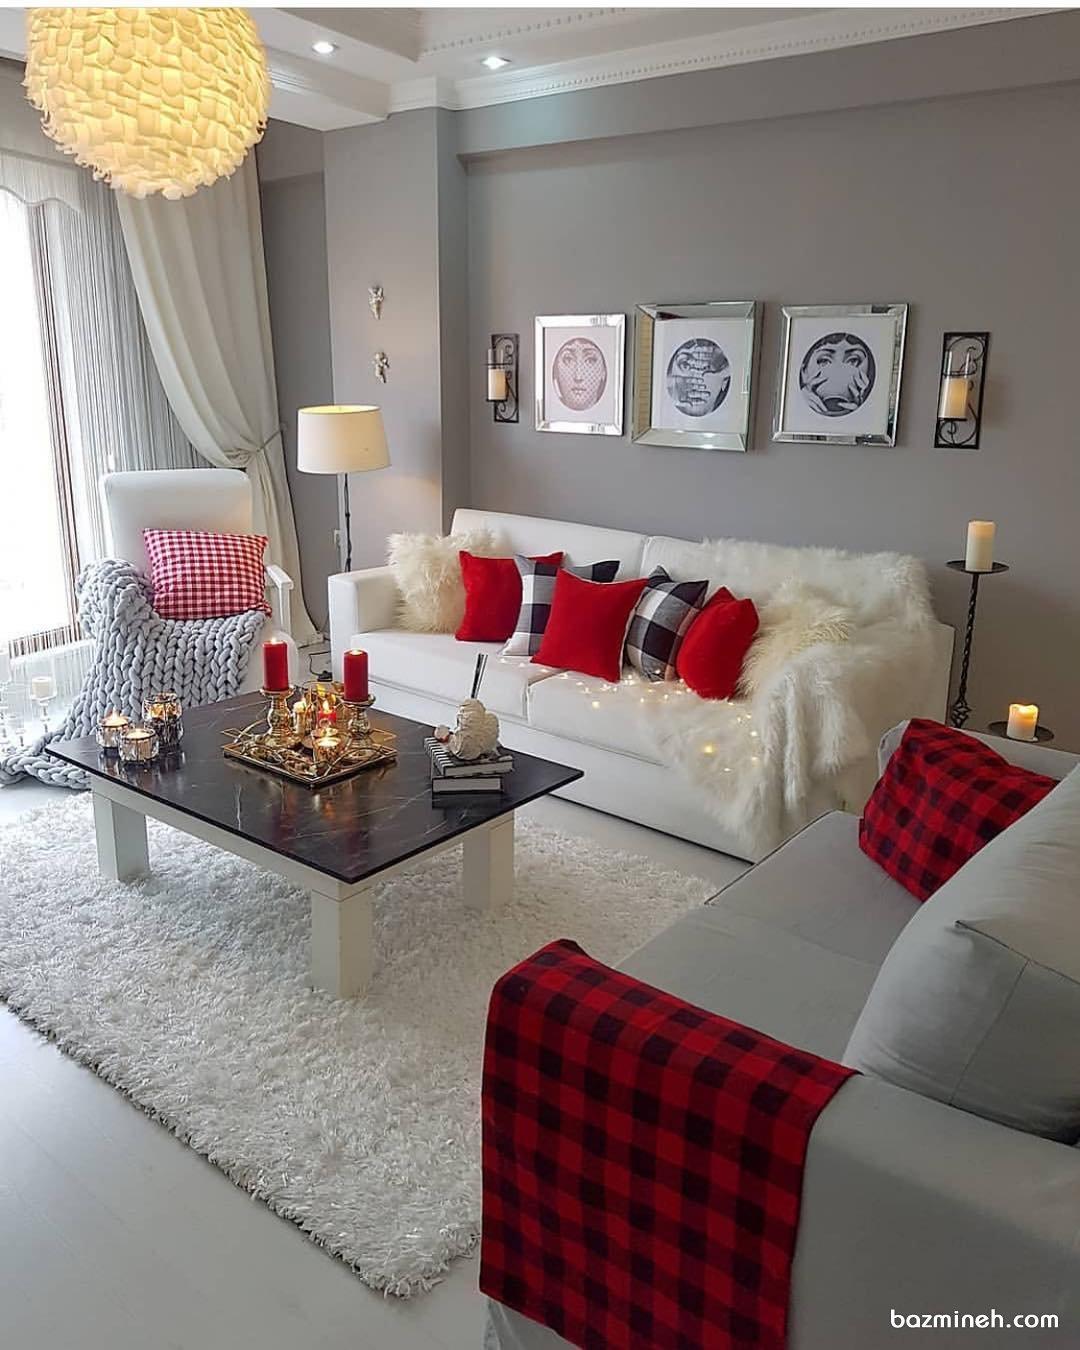 دکوراسیون مدرن منزل نوعروس با مبلمان ساده راحتی با تم رنگی سفید طوسی قرمز